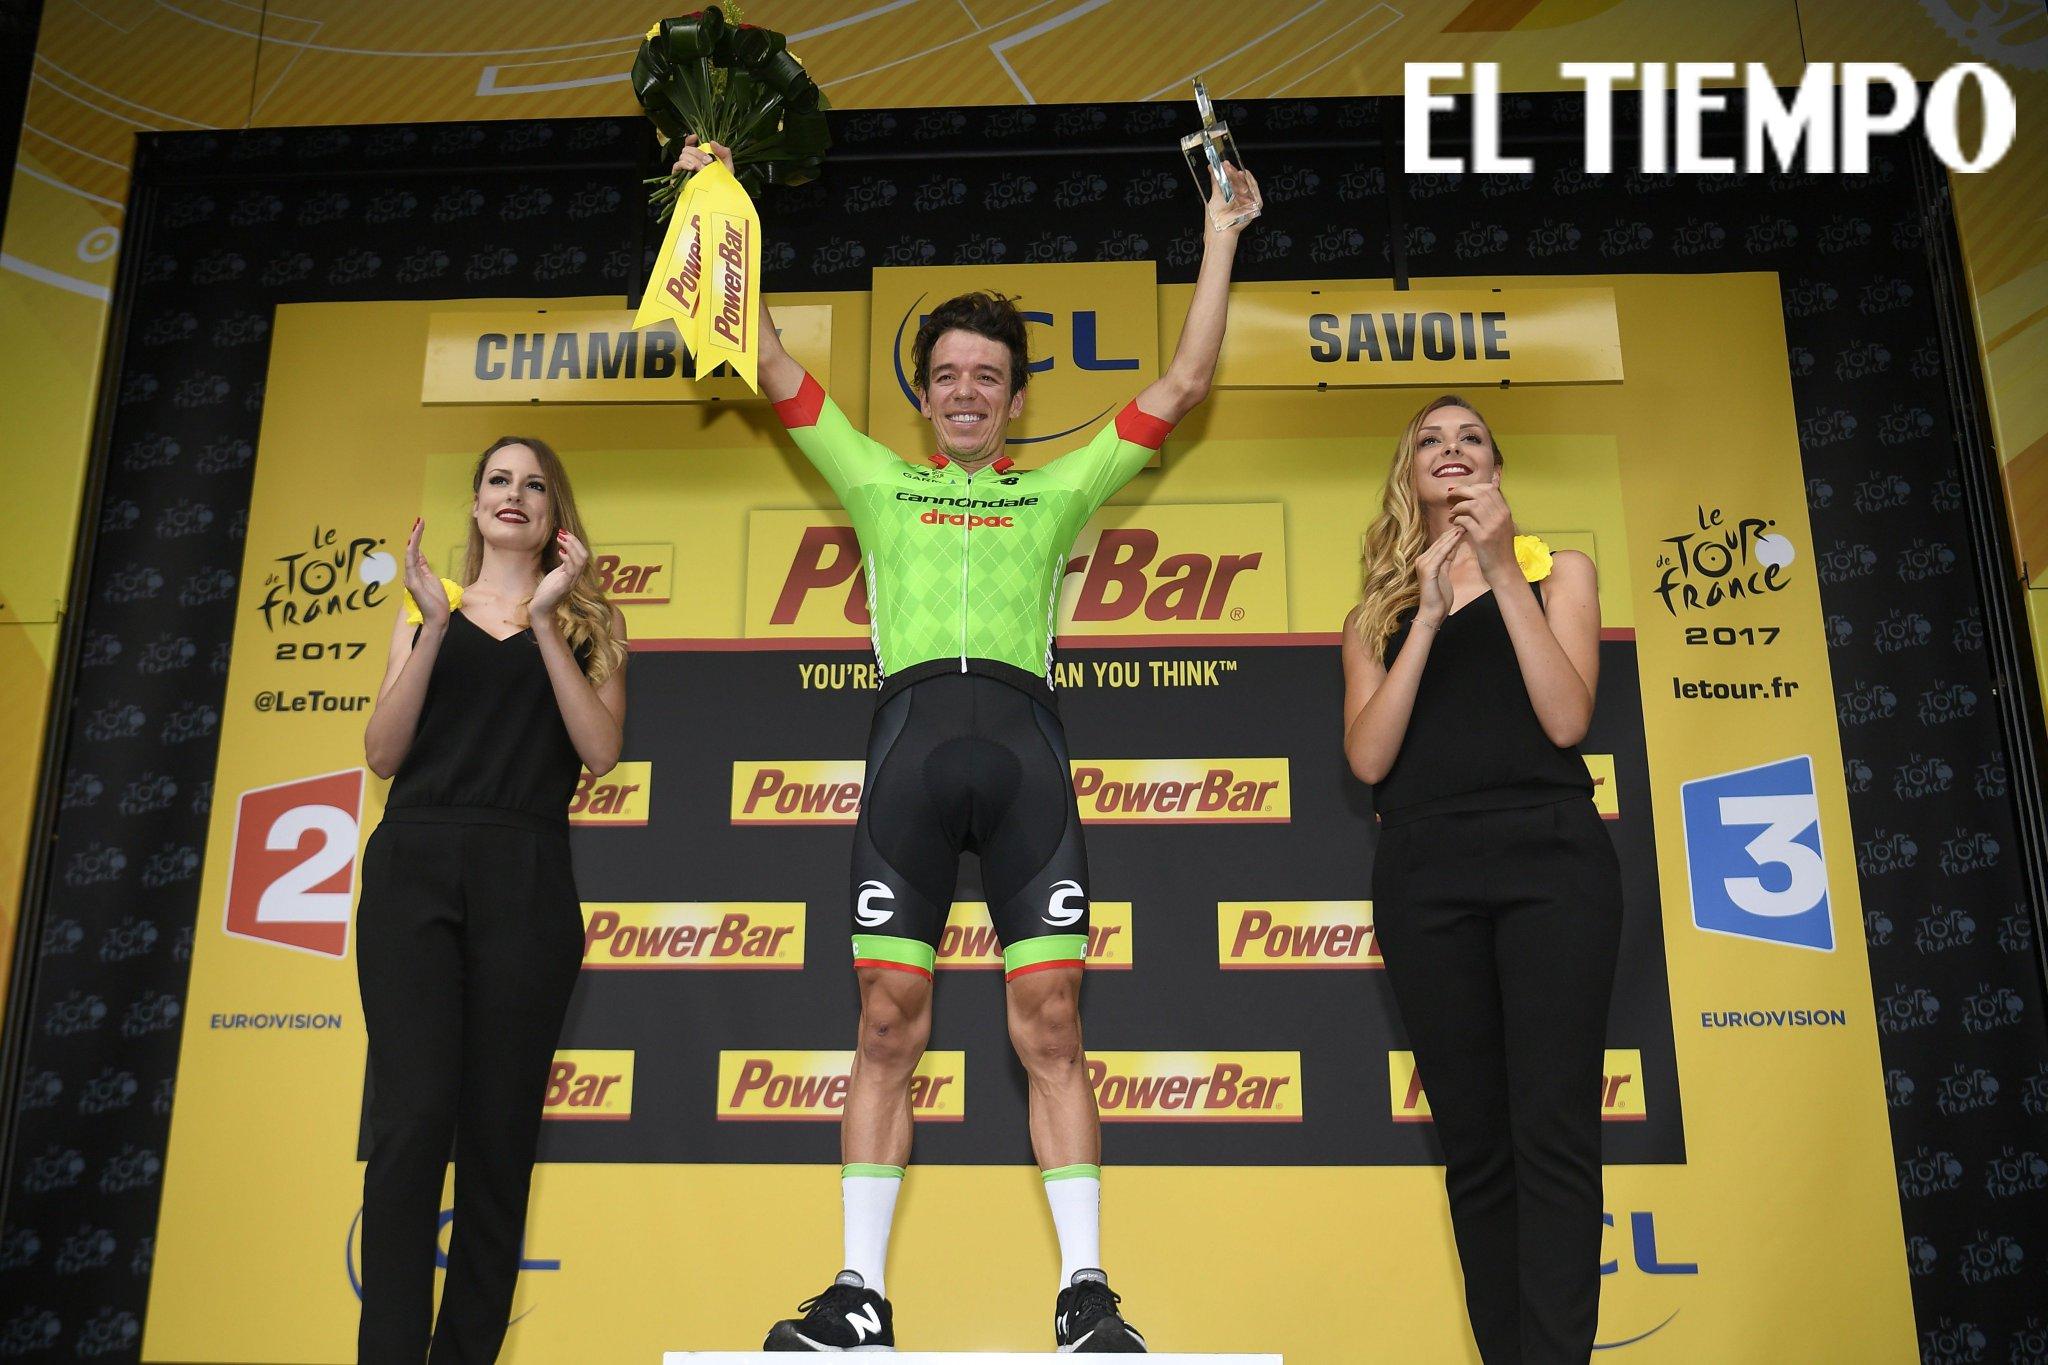 ¡Imagen de oro! @UranRigoberto en lo más alto del podio en @LeTour. ¡Gracias, siempre gracias, colombianos, por dar lo mejor de ustedes! 🇨🇴🚵 https://t.co/z8VHhtspWA